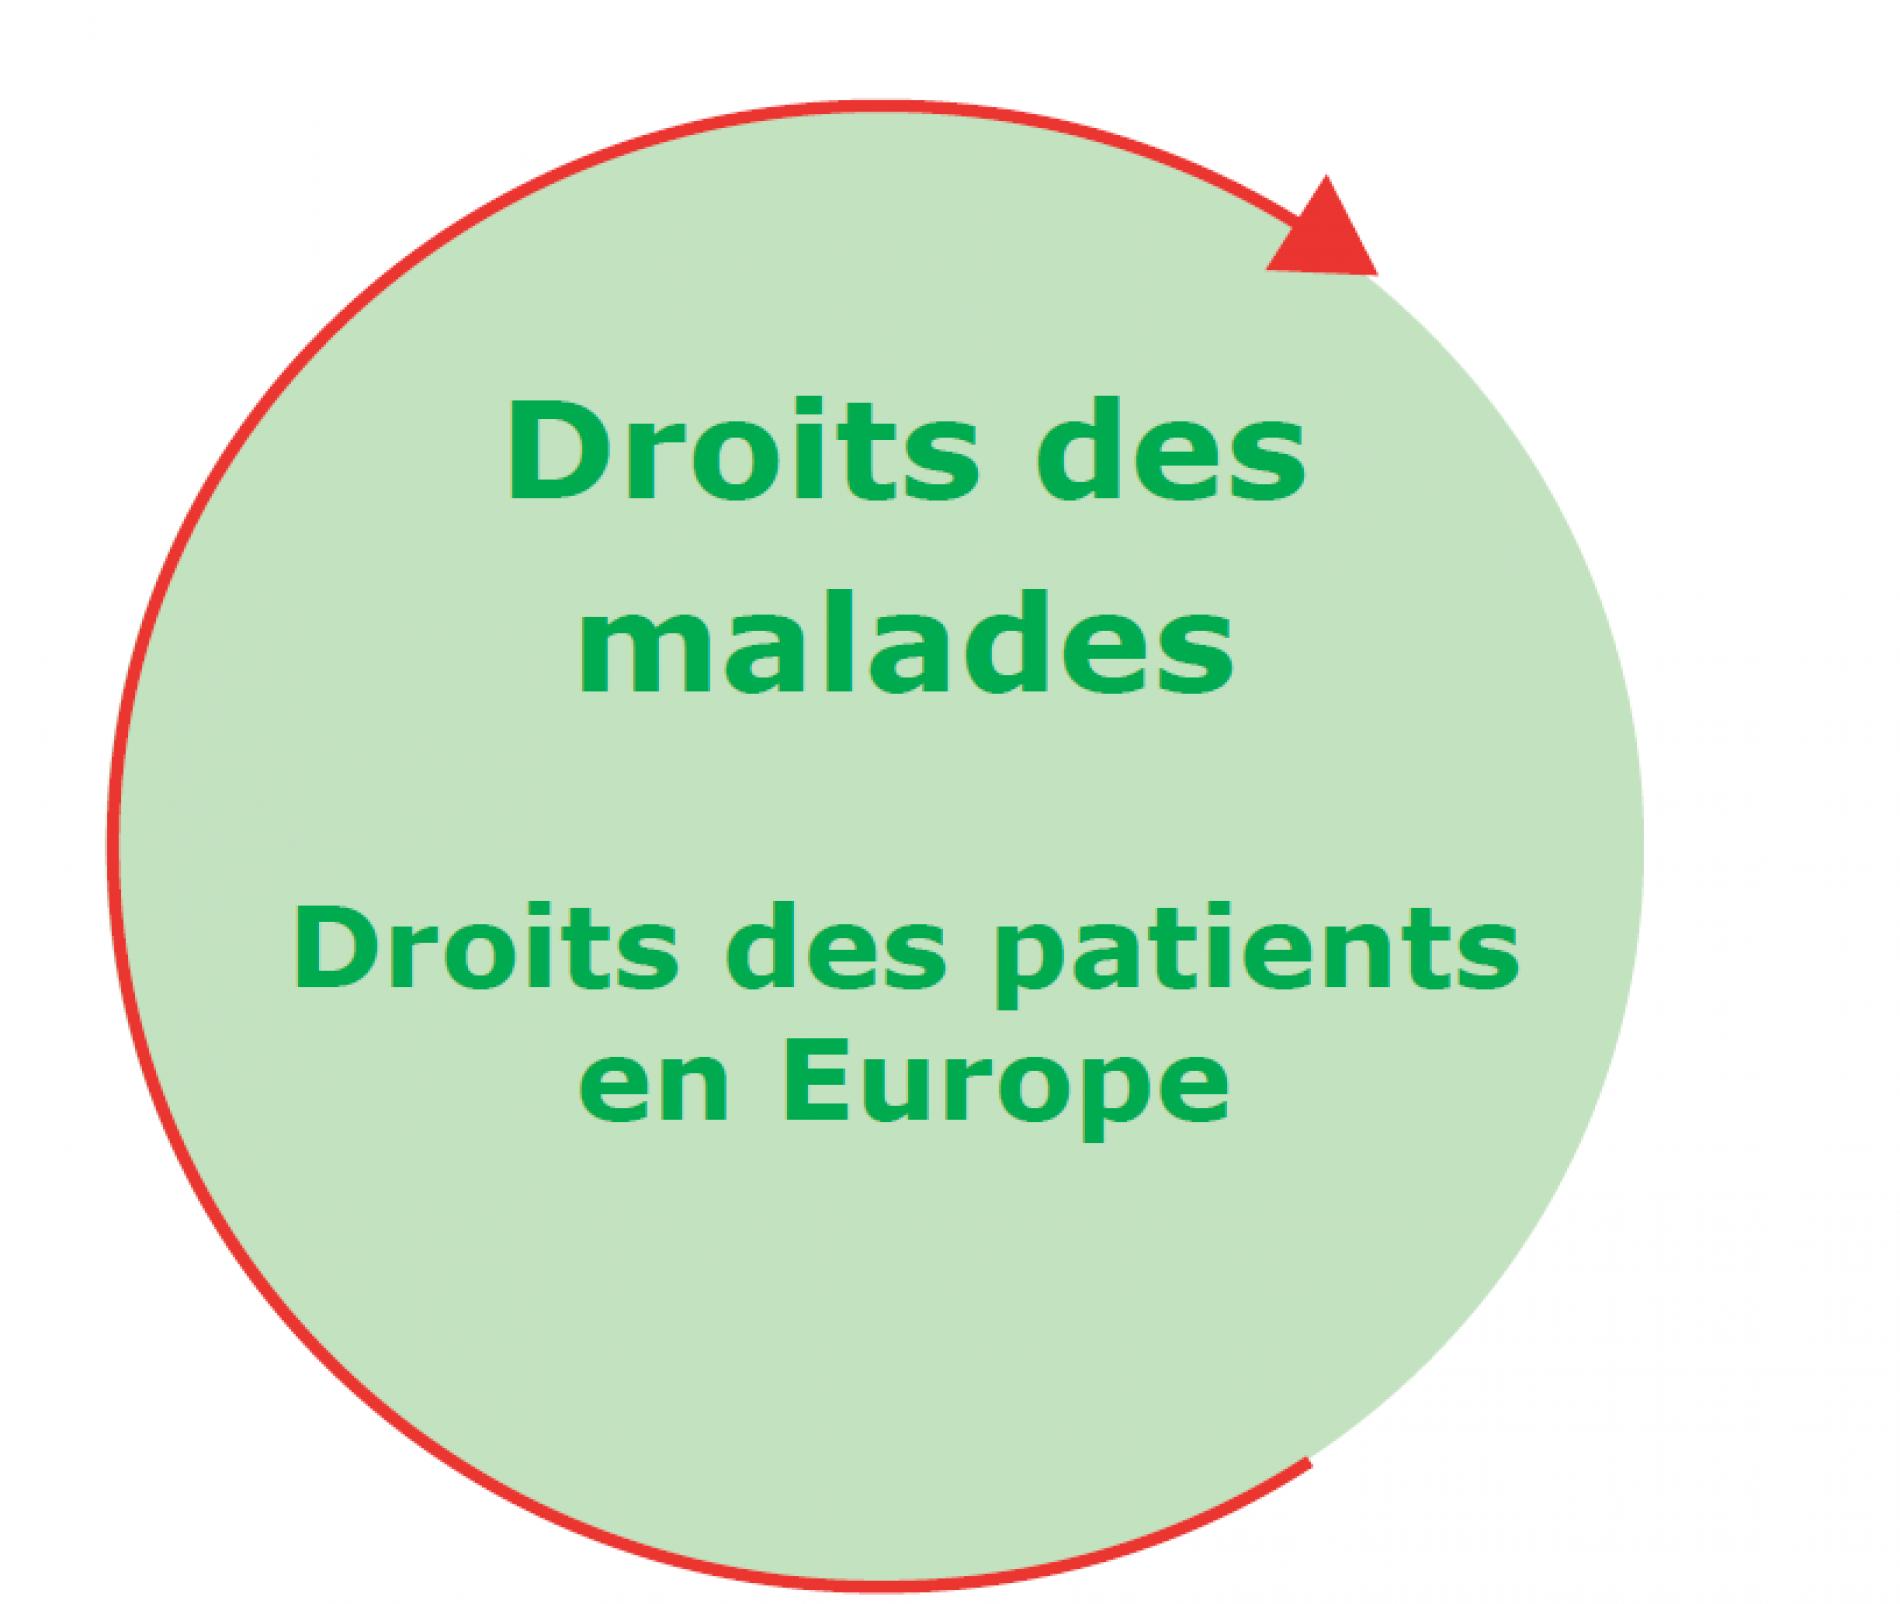 18 avril  : Journée européenne des droits des patients